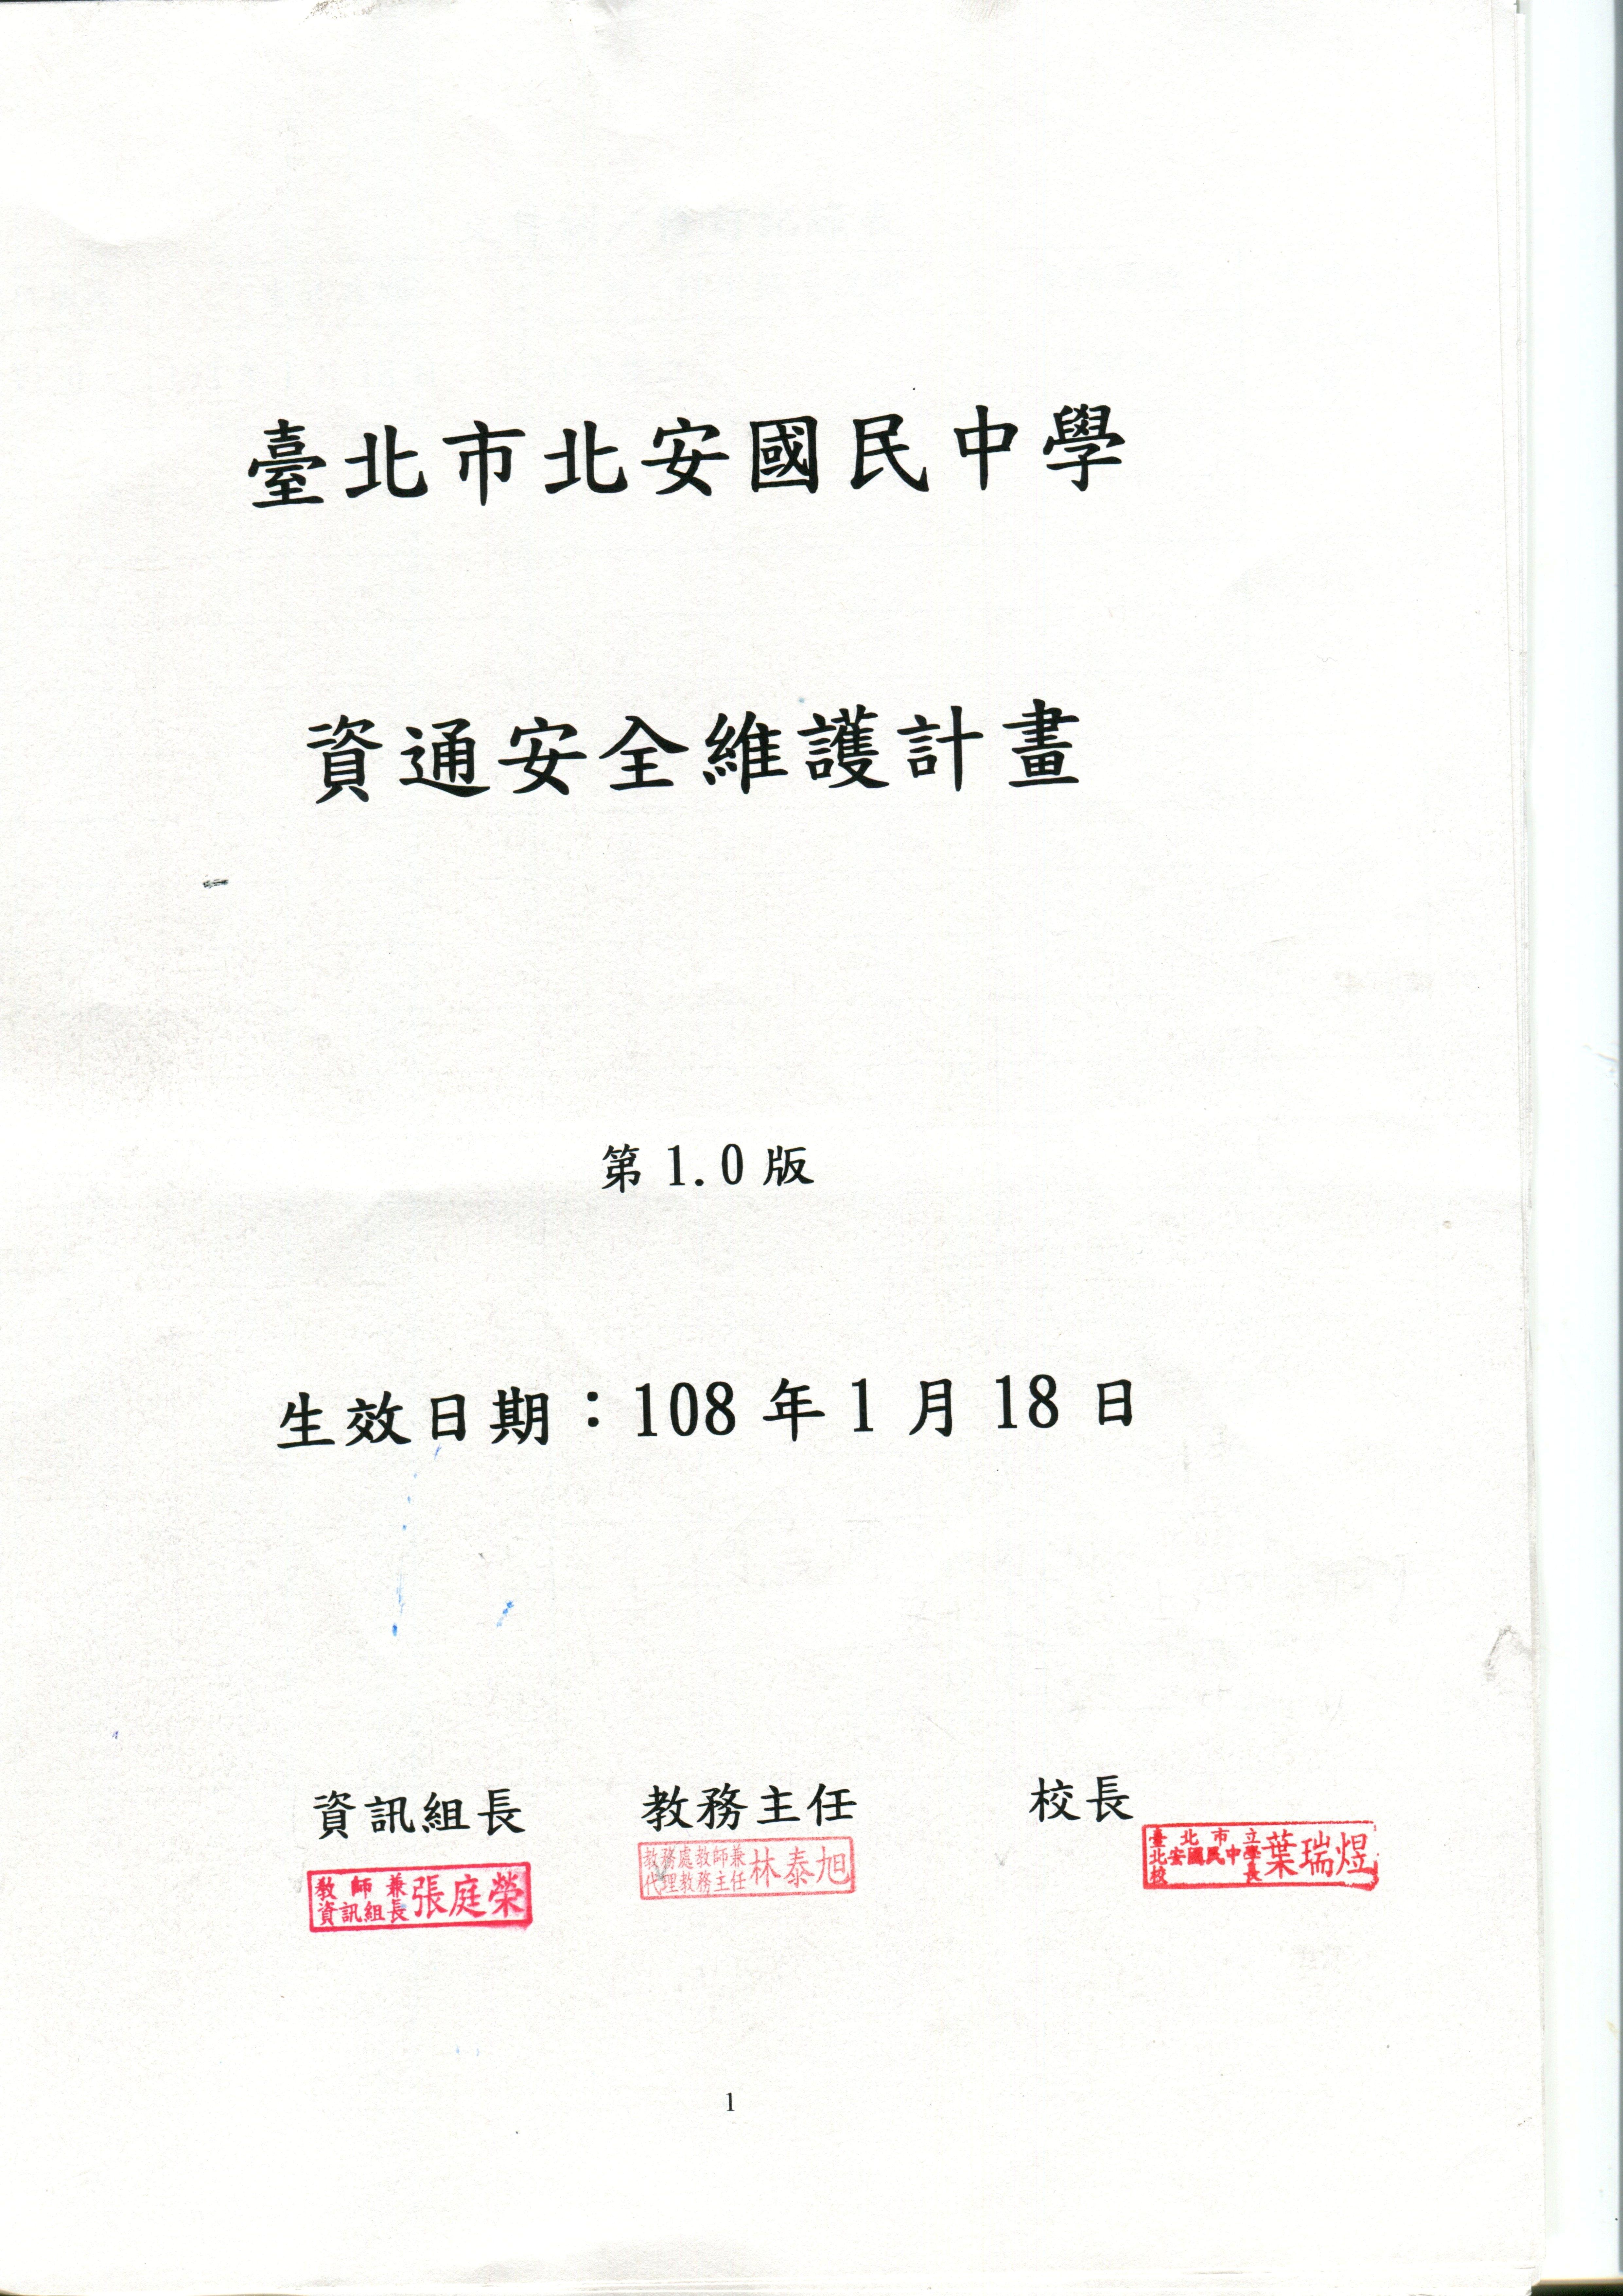 108-1-18北安資通封面045o9k